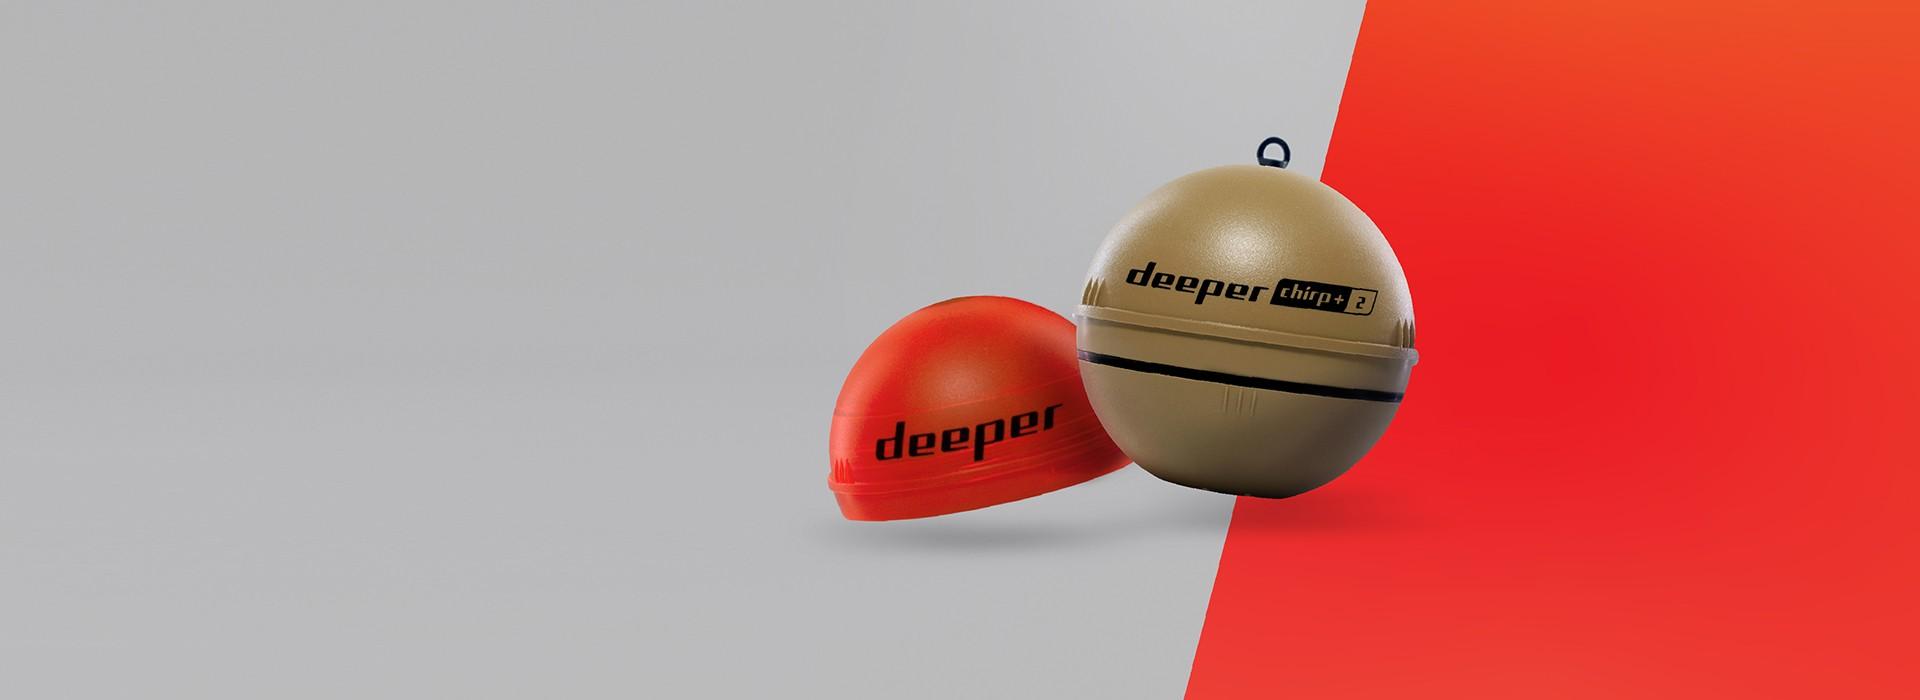 새로운 Deeper CHIRP+ 2를 만나보세요! 현재까지 제작된 모든 어군탐지기 중 가장 강력합니다.